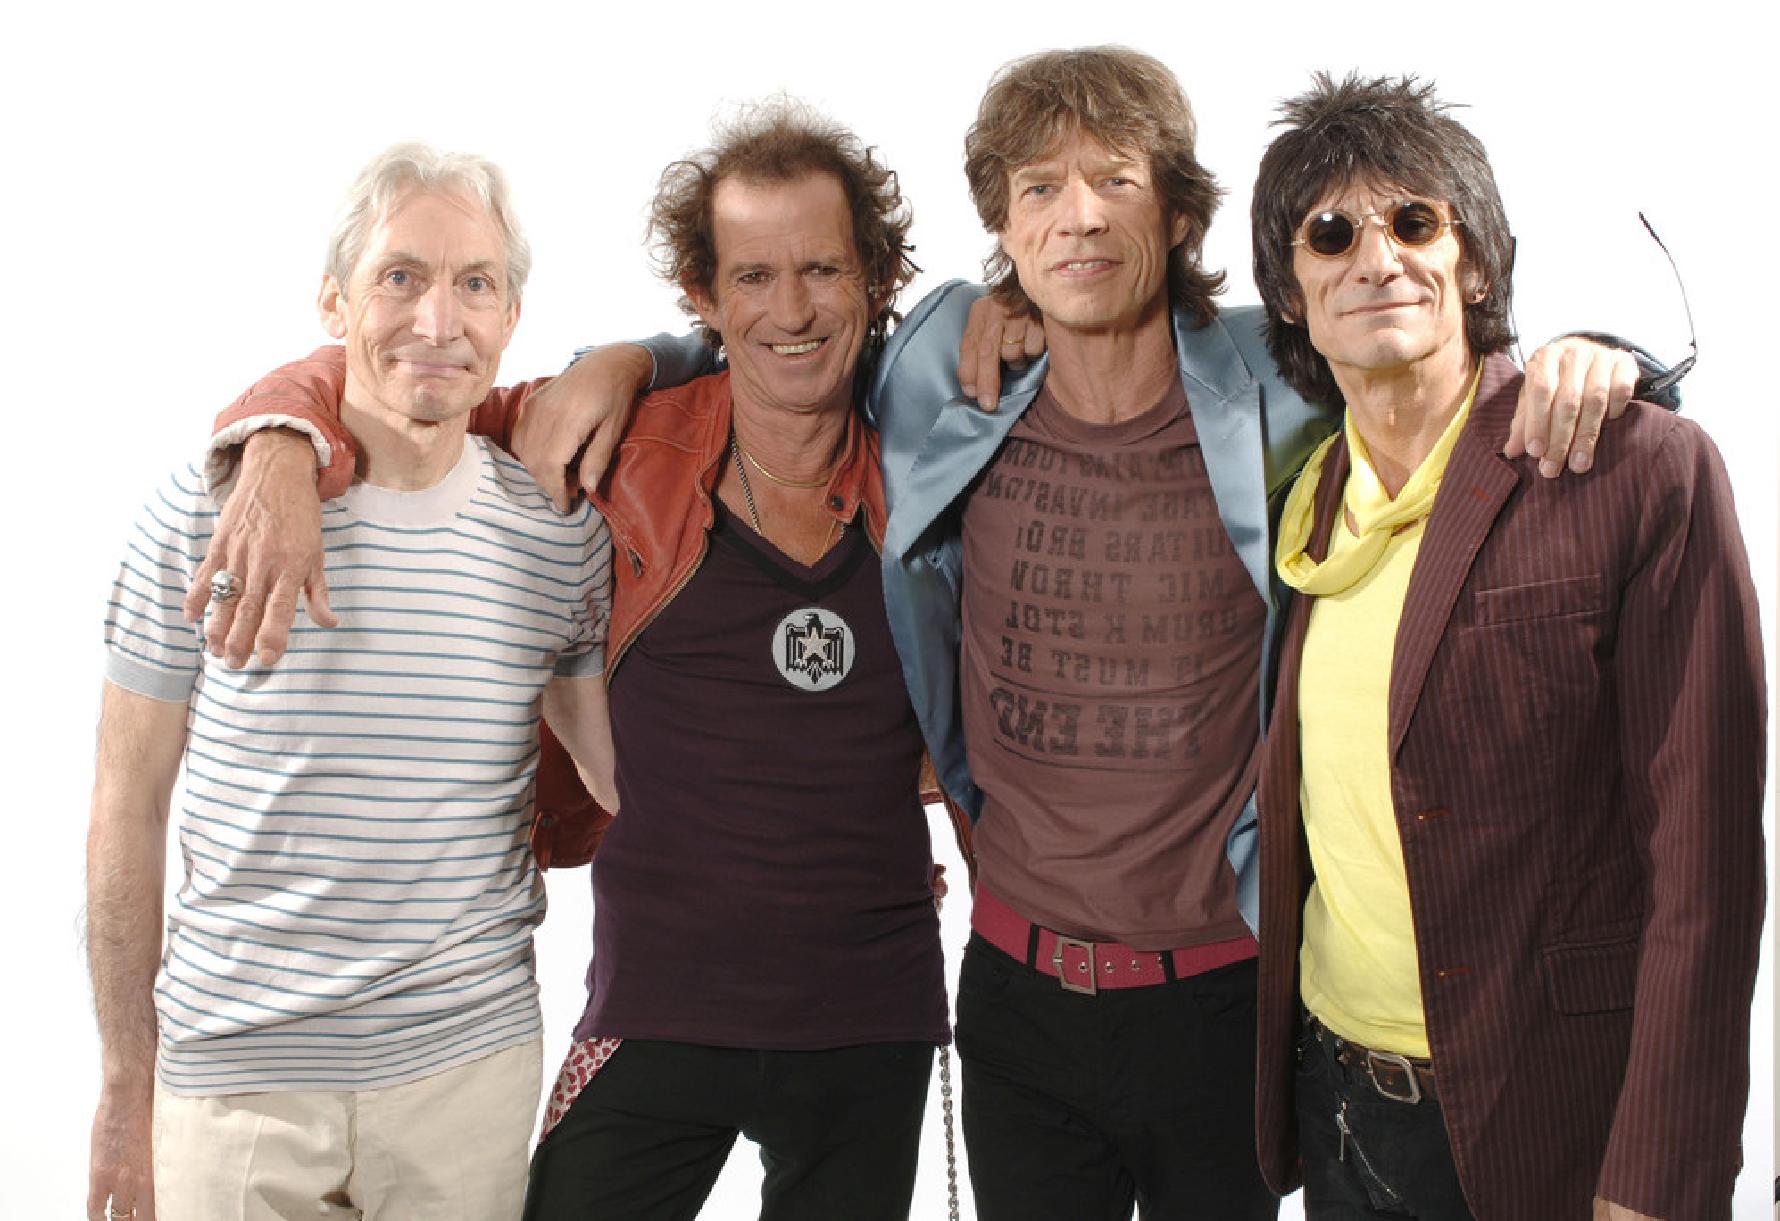 The Rolling Stones fechas de gira 2021 2022. The Rolling Stones entradas y  conciertos | Wegow España